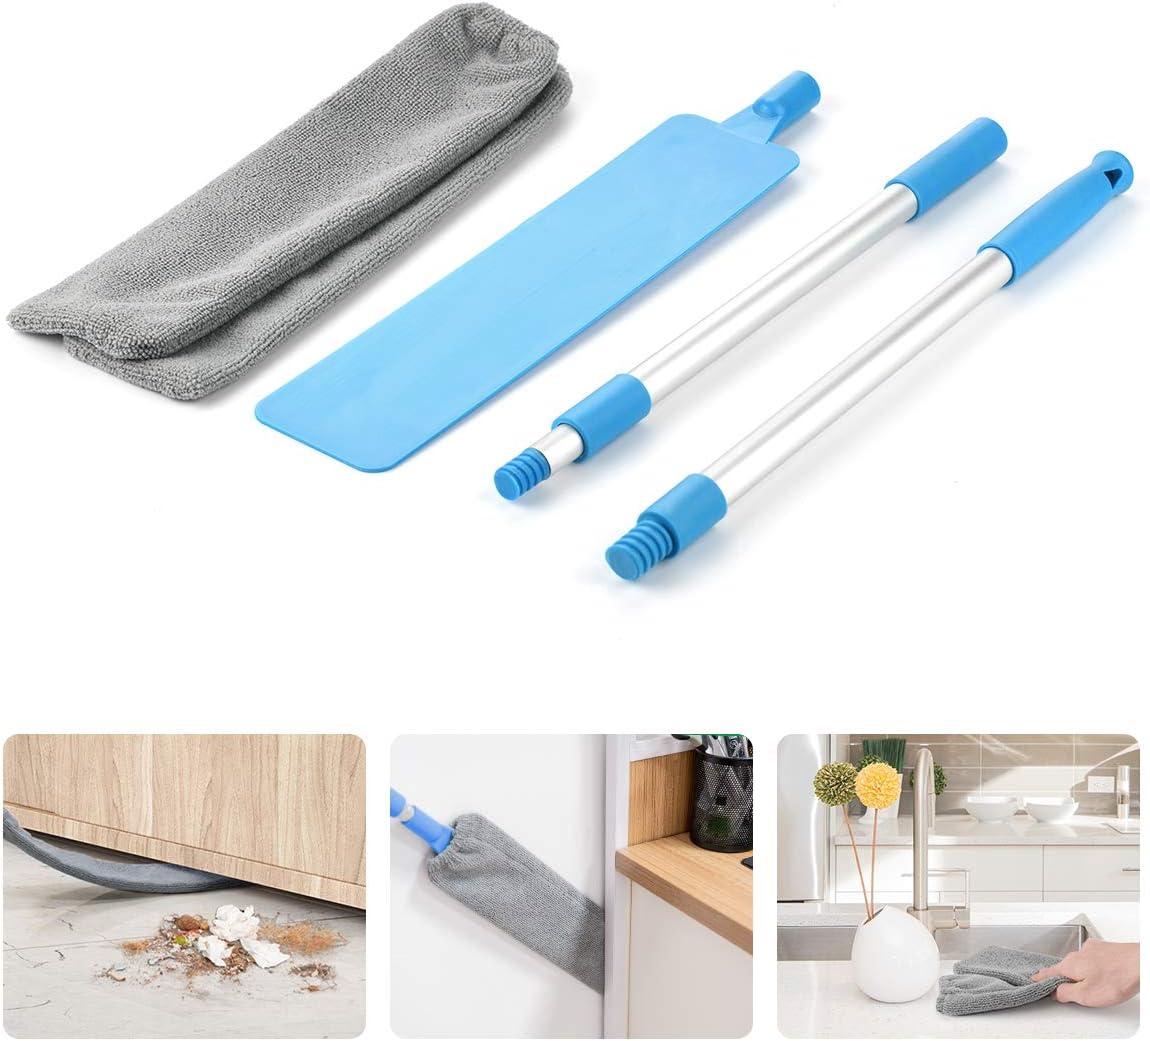 Lidasen - Cepillo limpiador para el polvo, extensible, para limpiar sofás o camas, techos altos, muebles y por debajo de los muebles, con mango extralargo ajustable